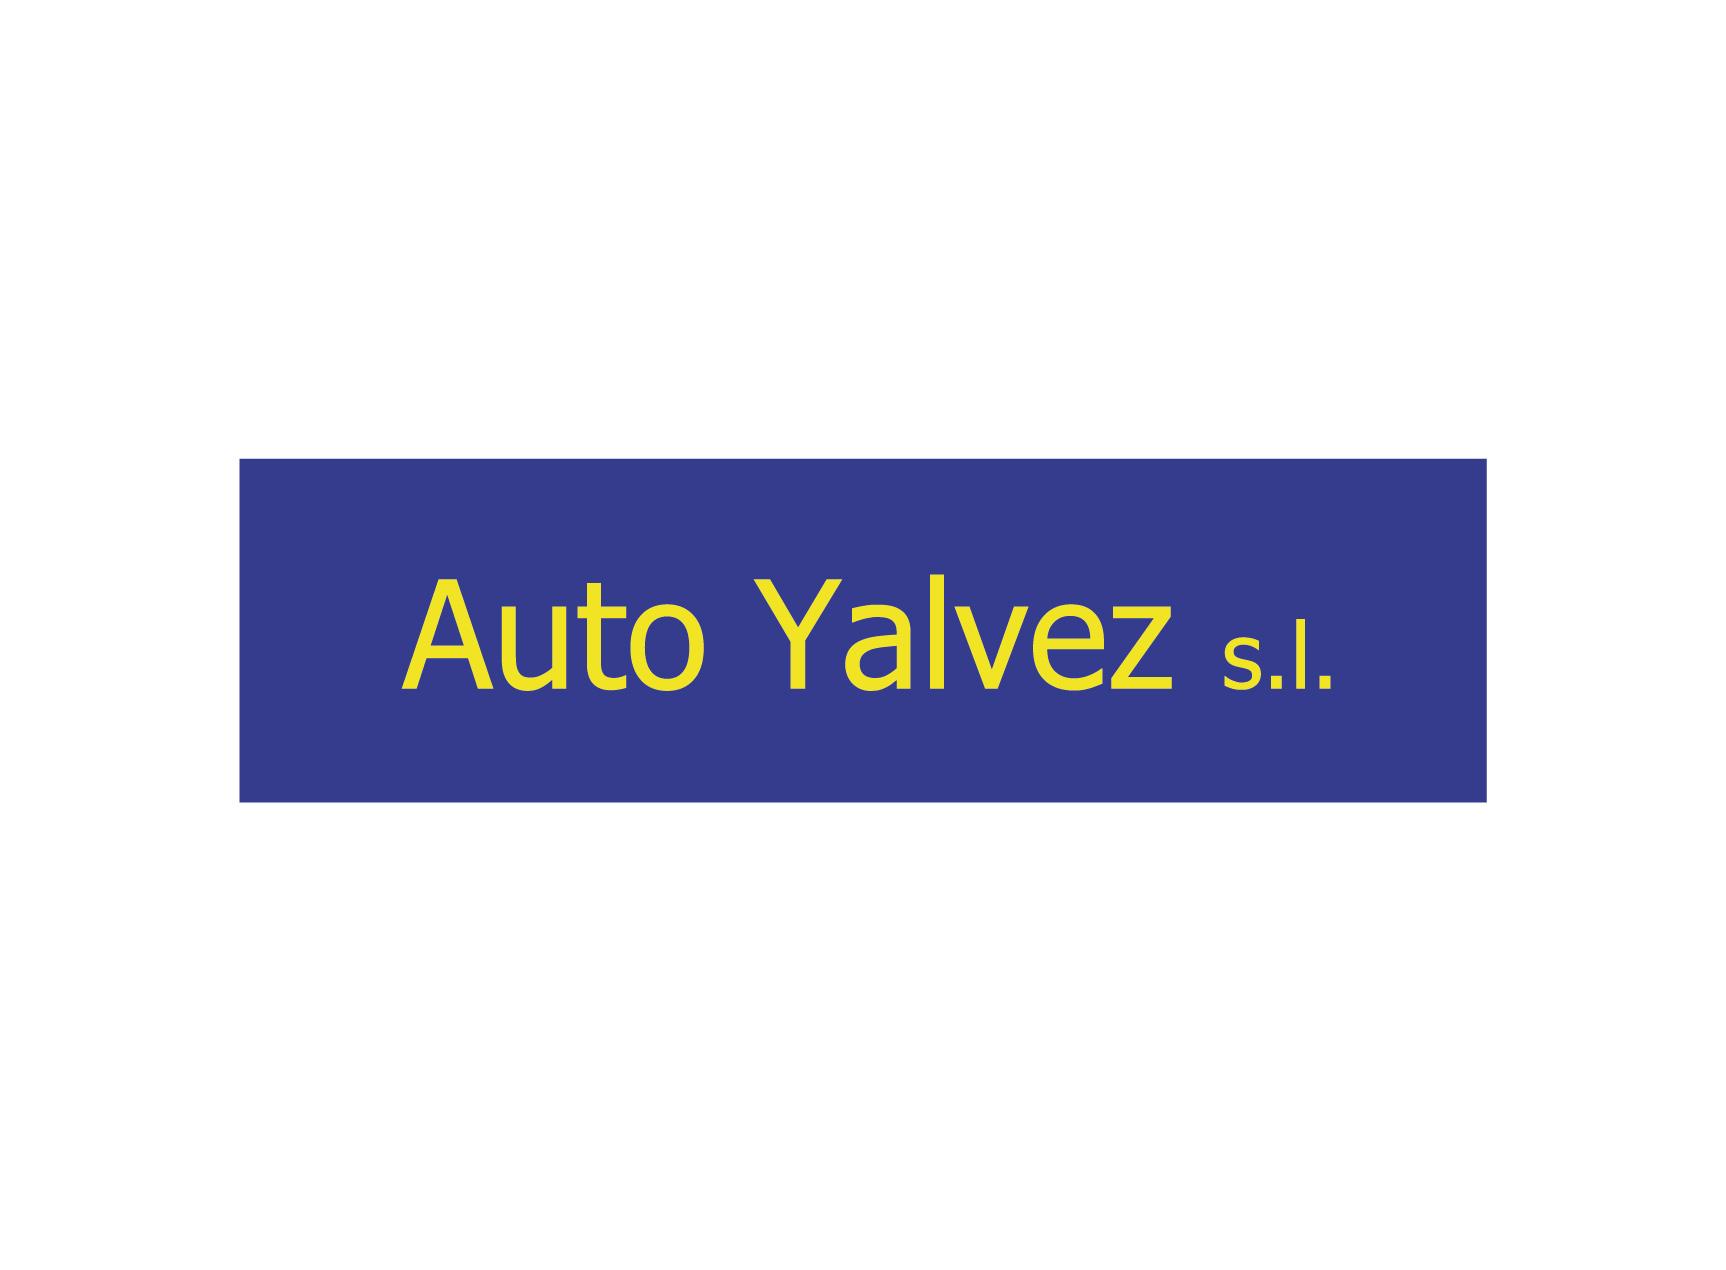 AutoYalvez_web-02